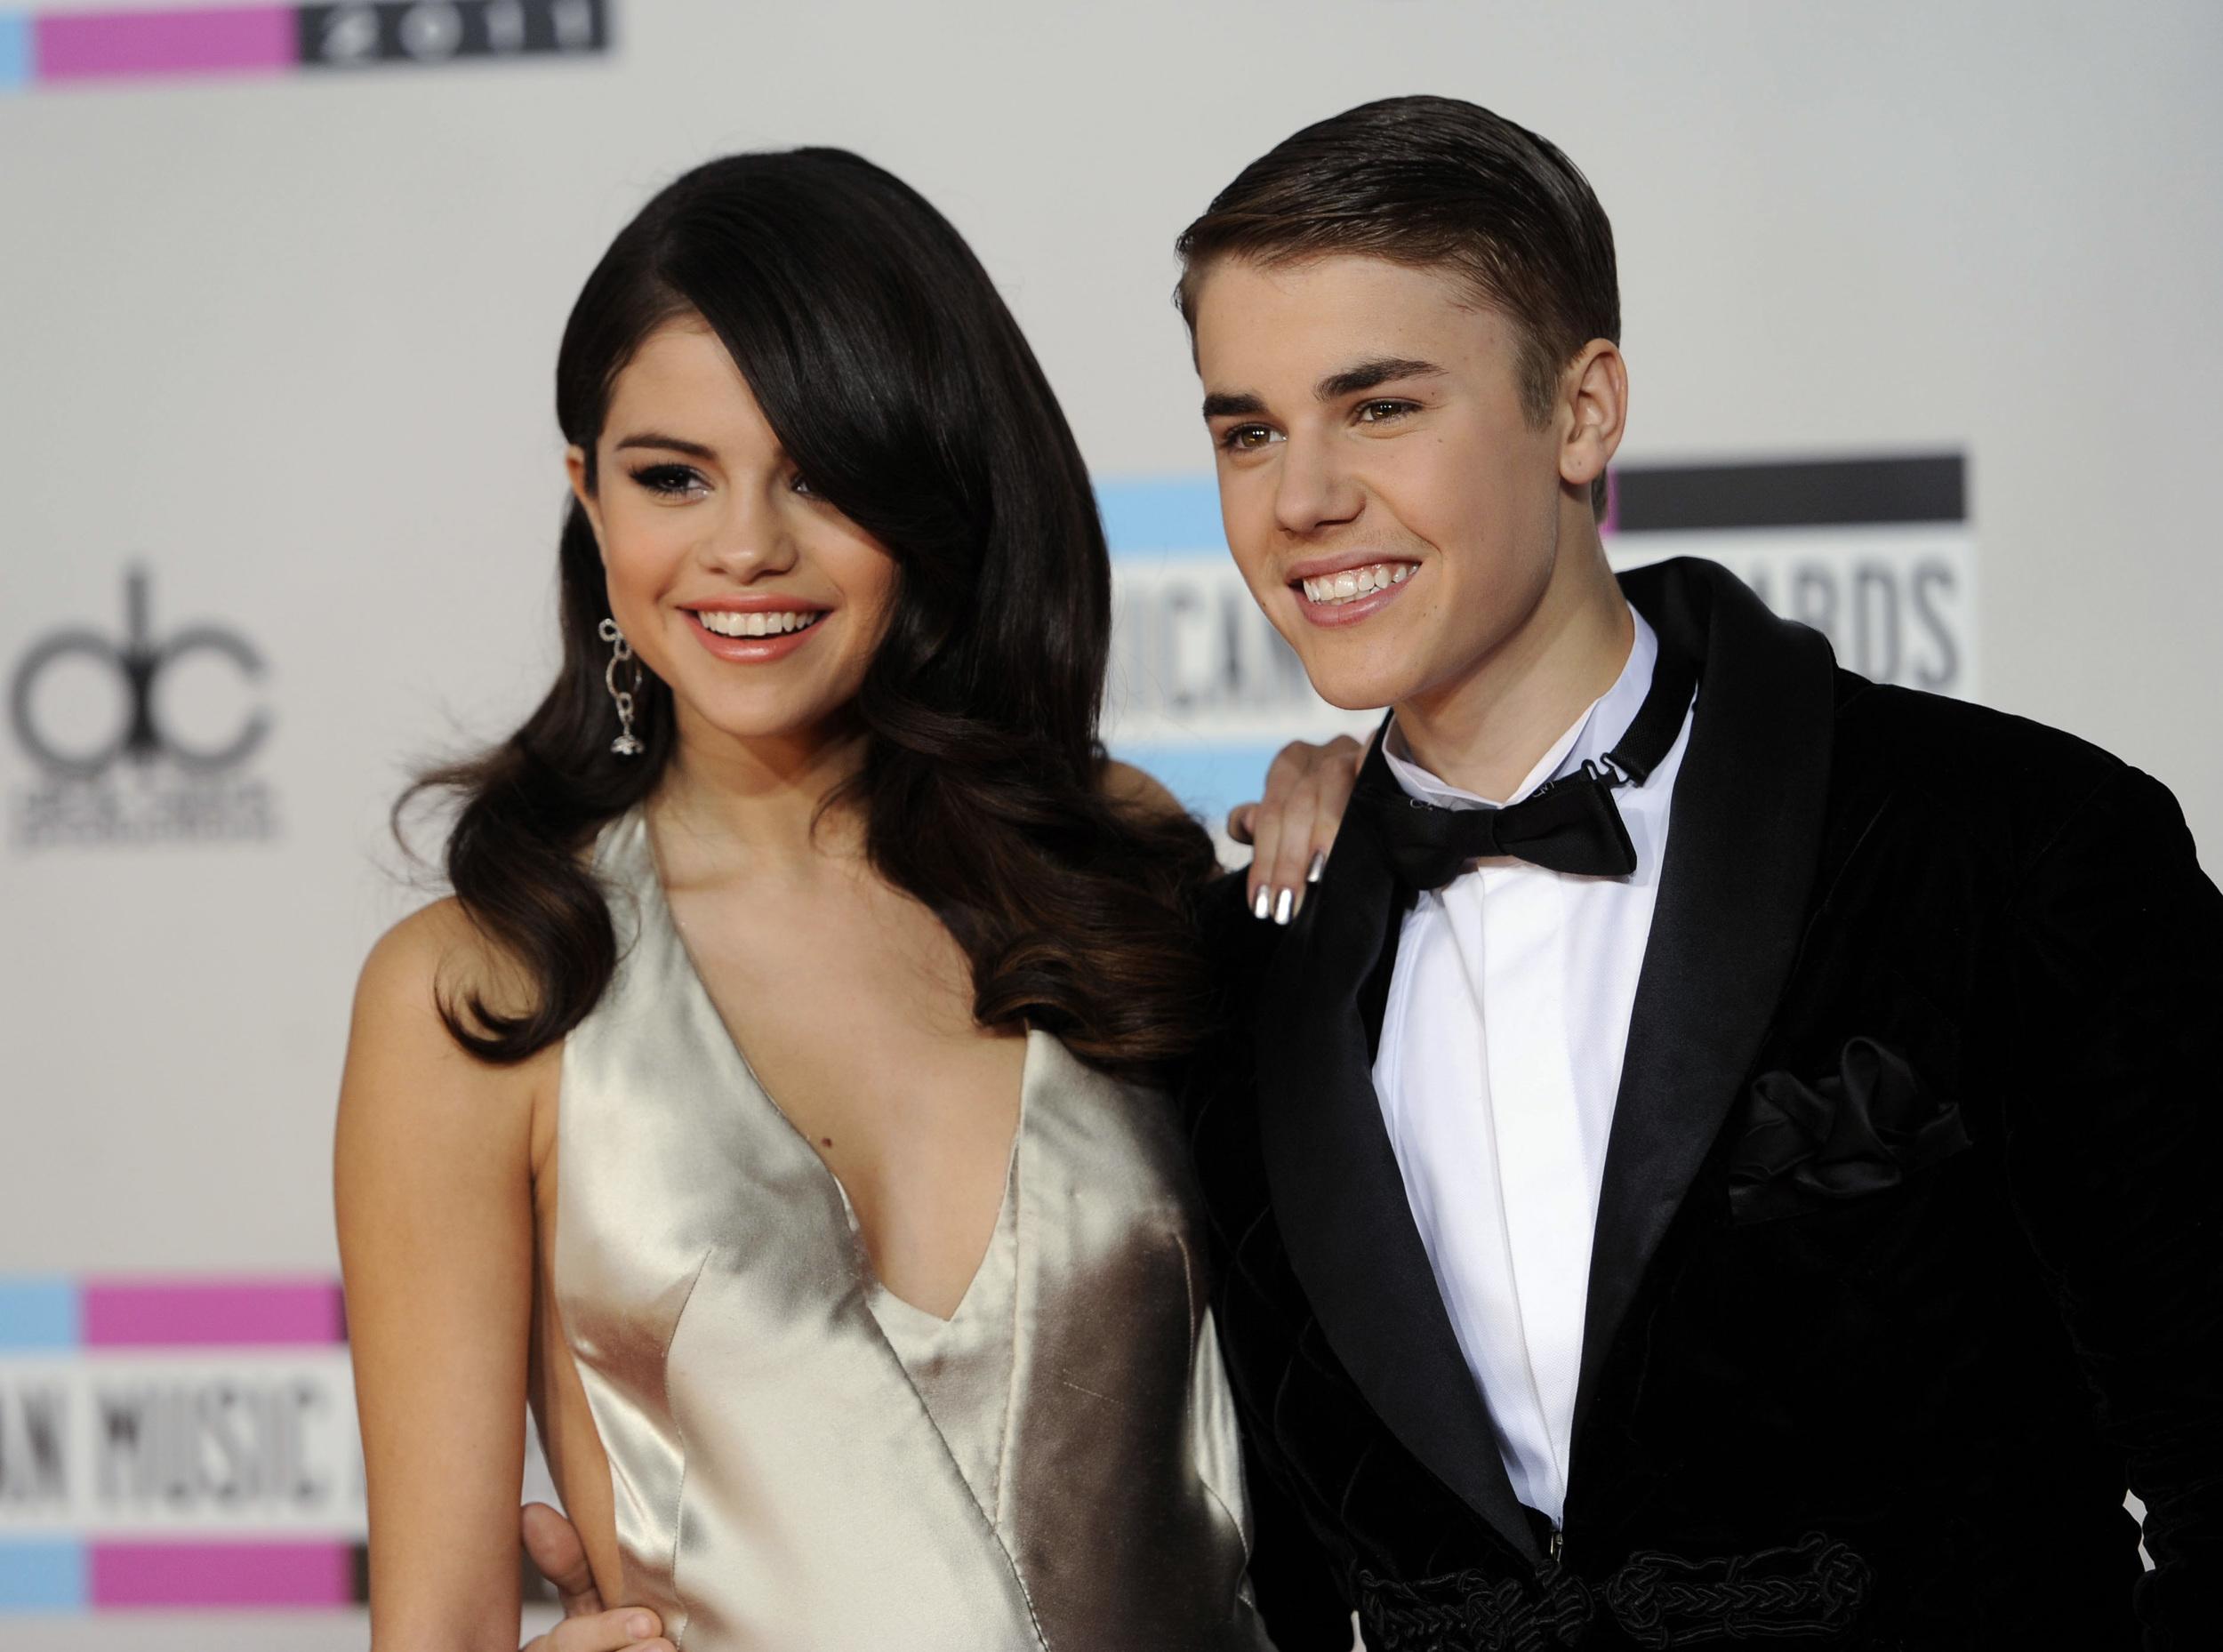 Deretan lagu Selena Gomez ini ditujukan ke Justin Bieber, baper nih?